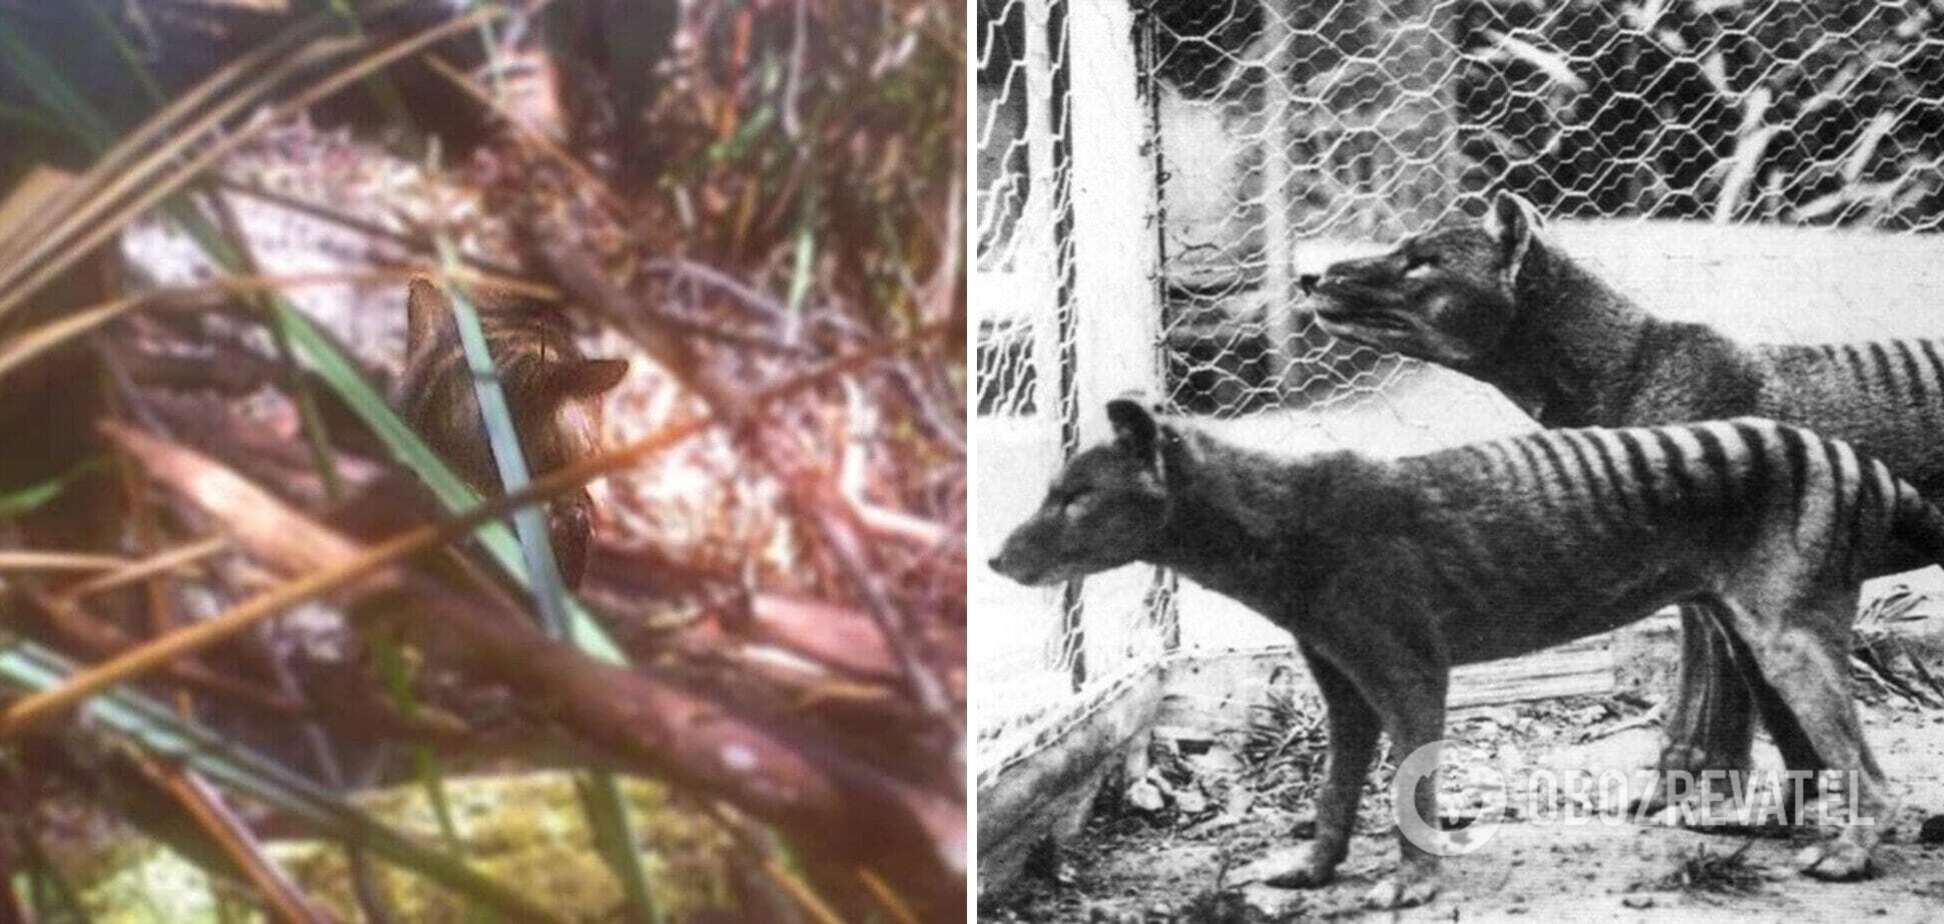 Фотограф запечатлел 'тасманийского тигра', который считается вымершим с 1936 года. Видео